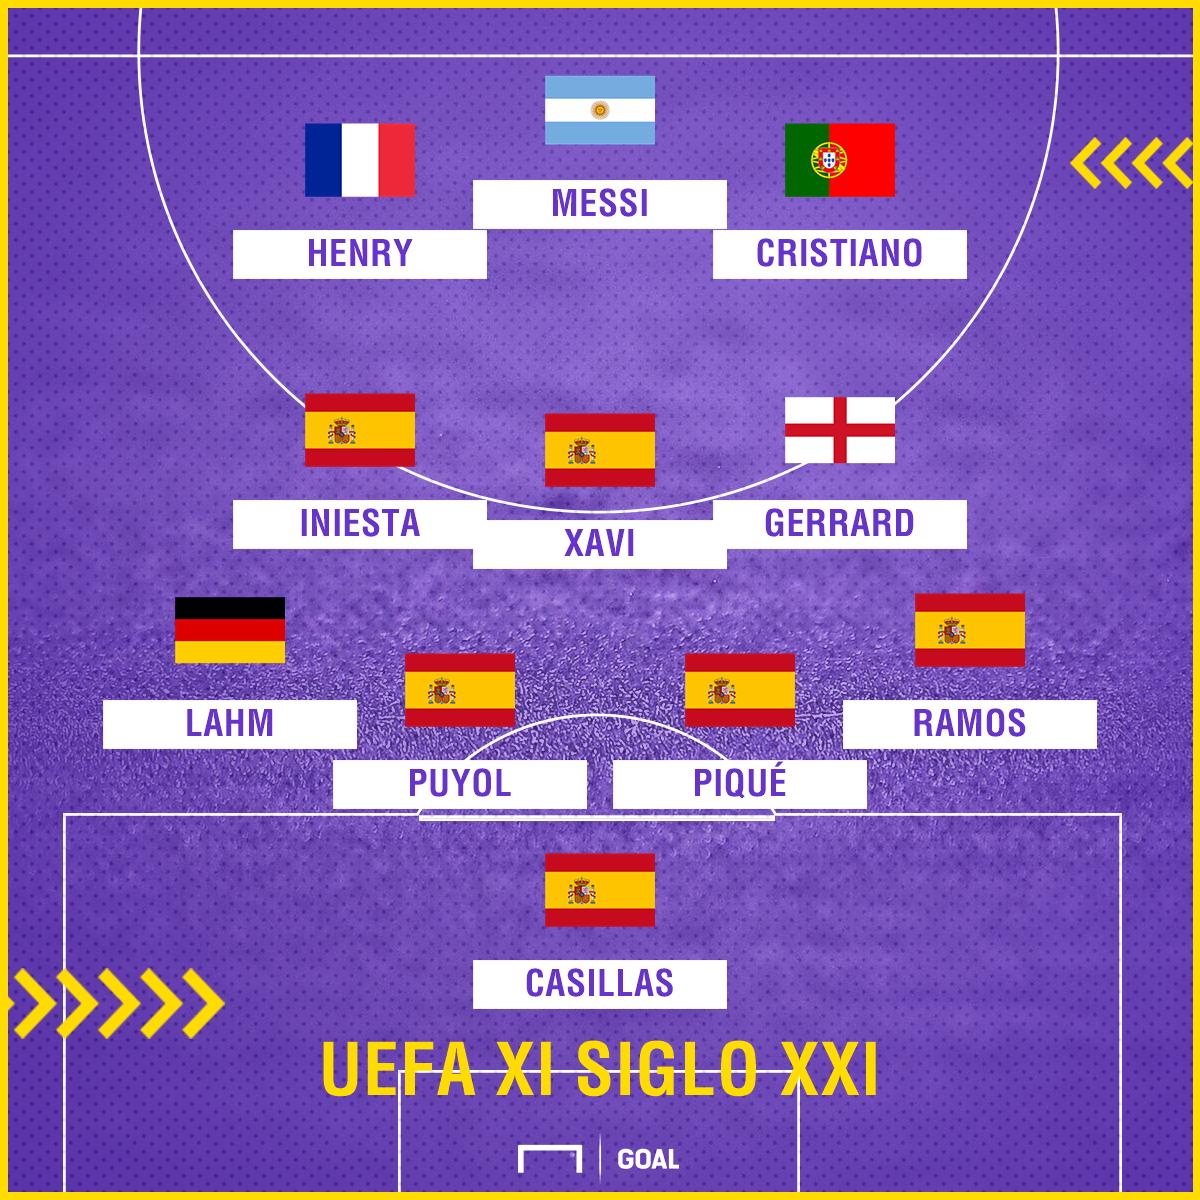 UEFA siglo XXI